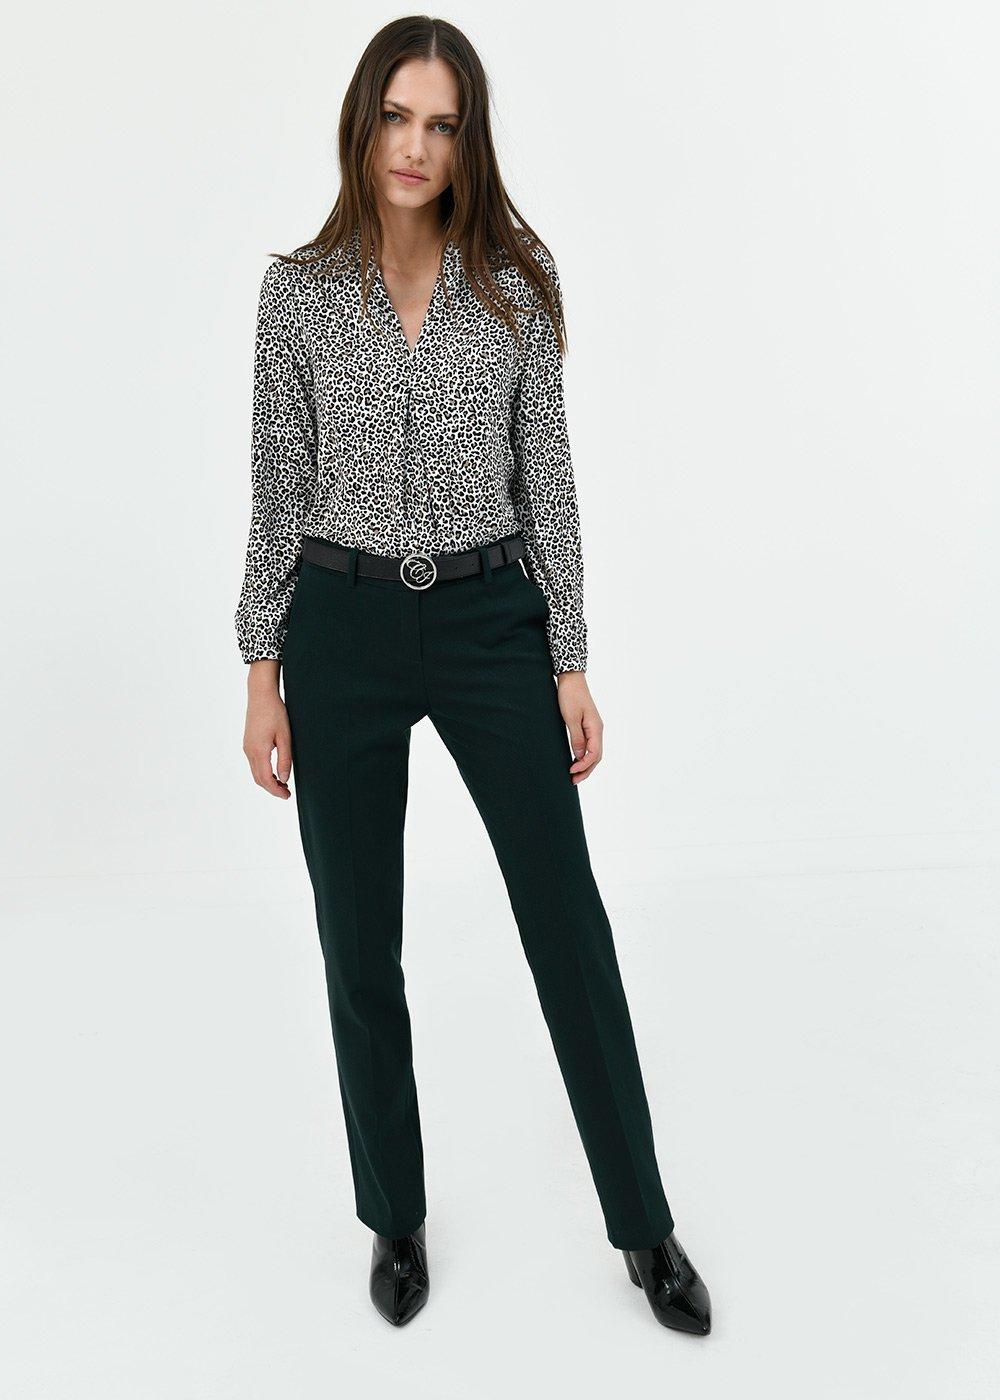 Clair straight leg trousers - Muschio - Woman